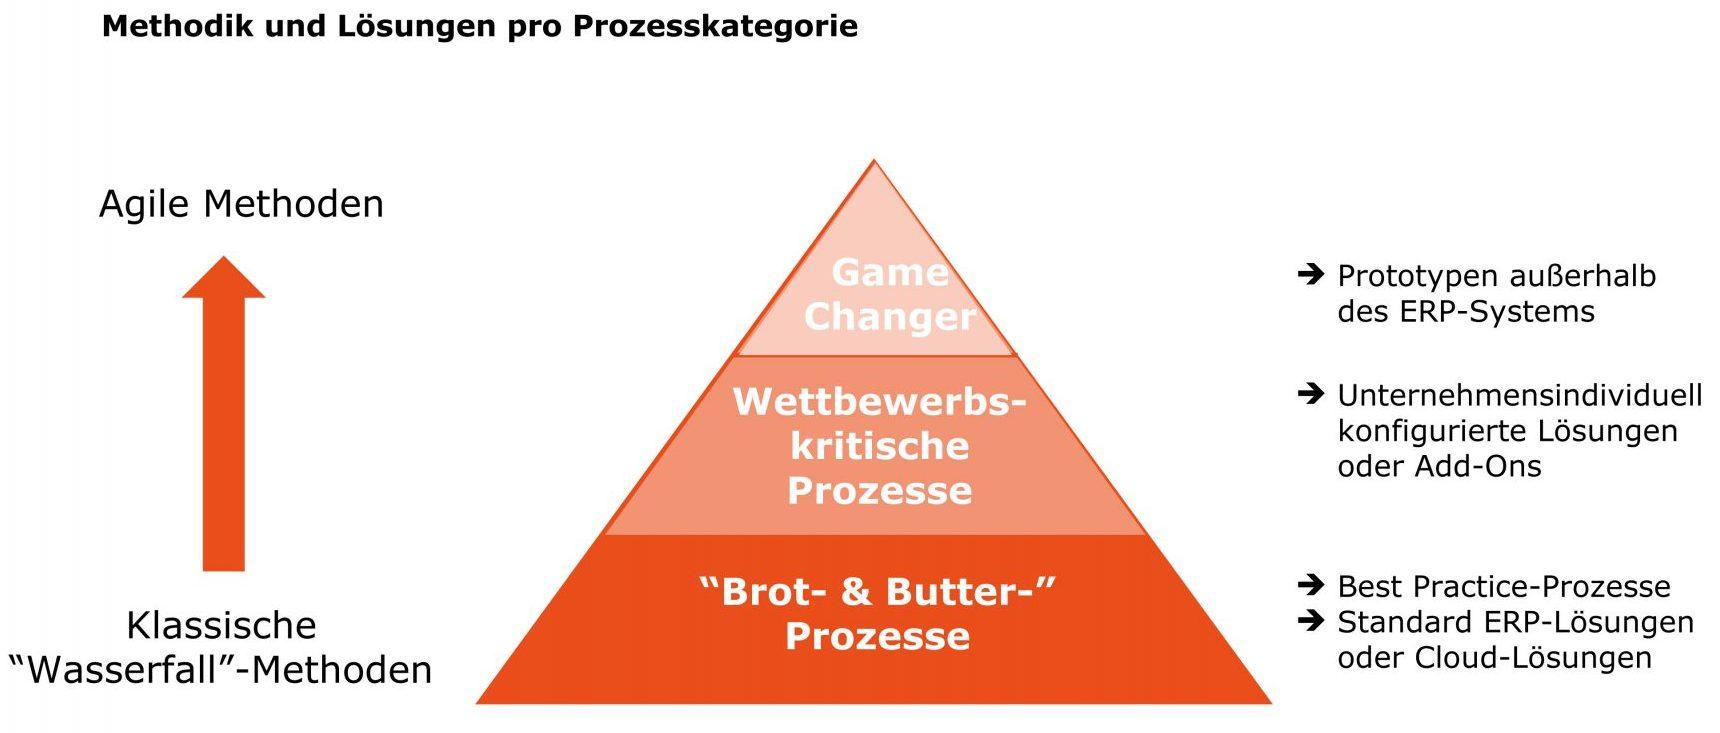 Je nach Prozesskategorie sind unterschiedliche Projektmanagement-Ansätze zu berücksichtigen. (Bild: Pikon Deutschland AG)